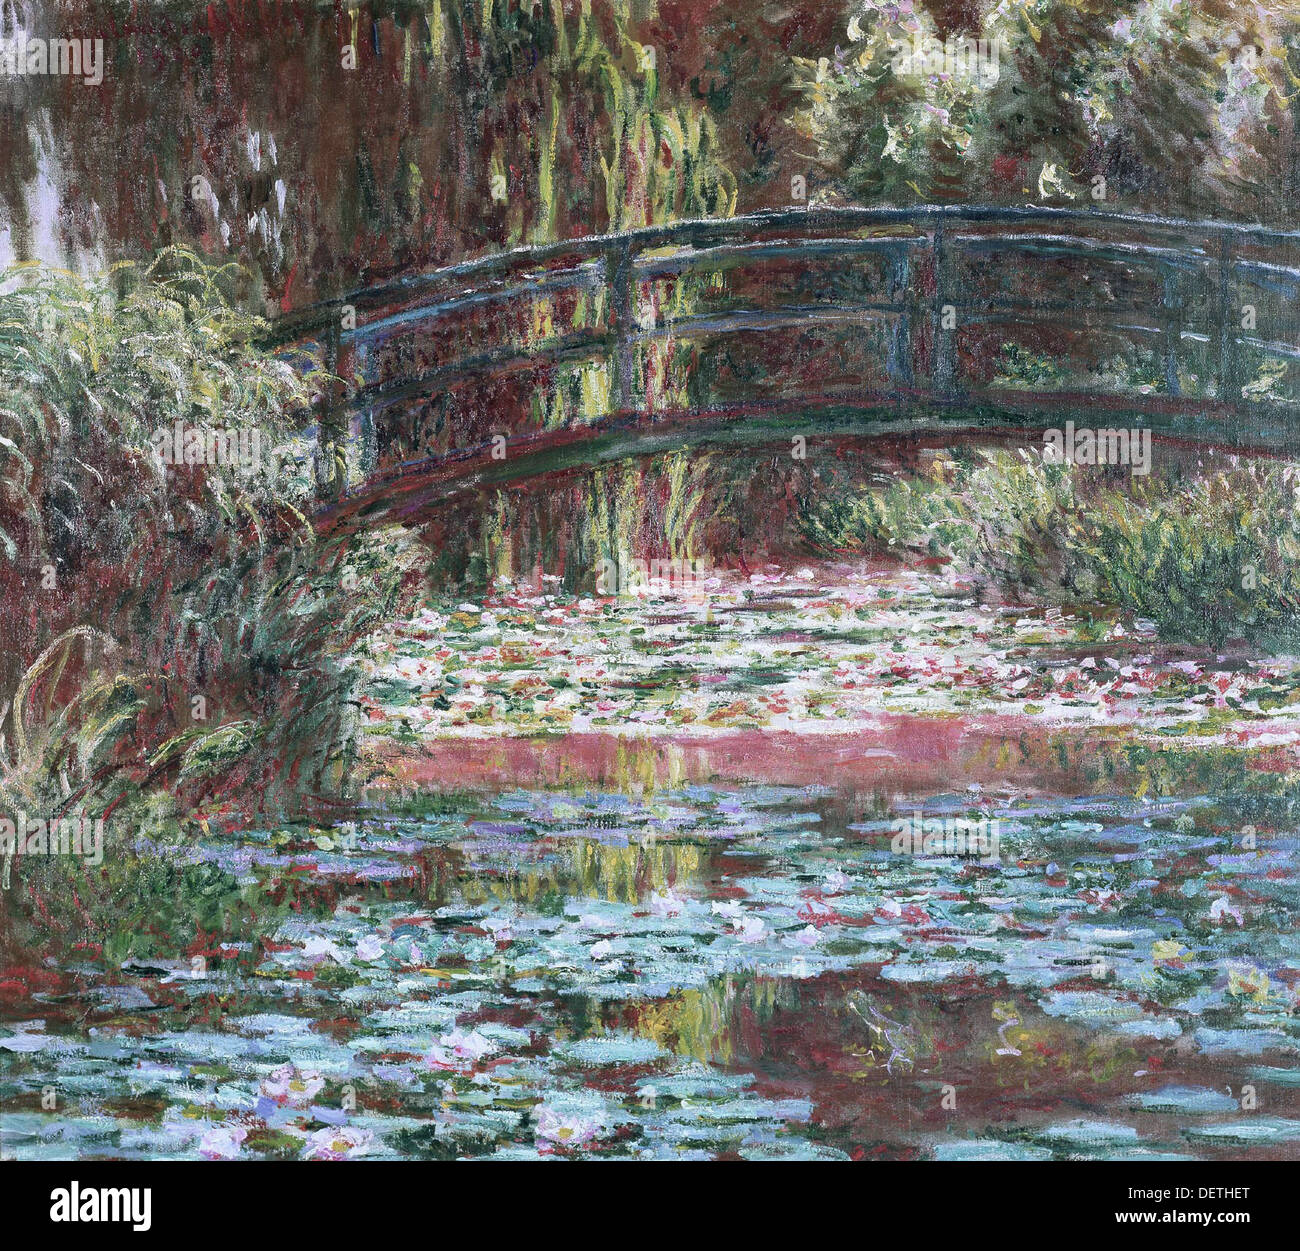 Claude Monet - Stagno di ninfea a Giverny - 1900 - L'Art Institute of Chicago Foto Stock